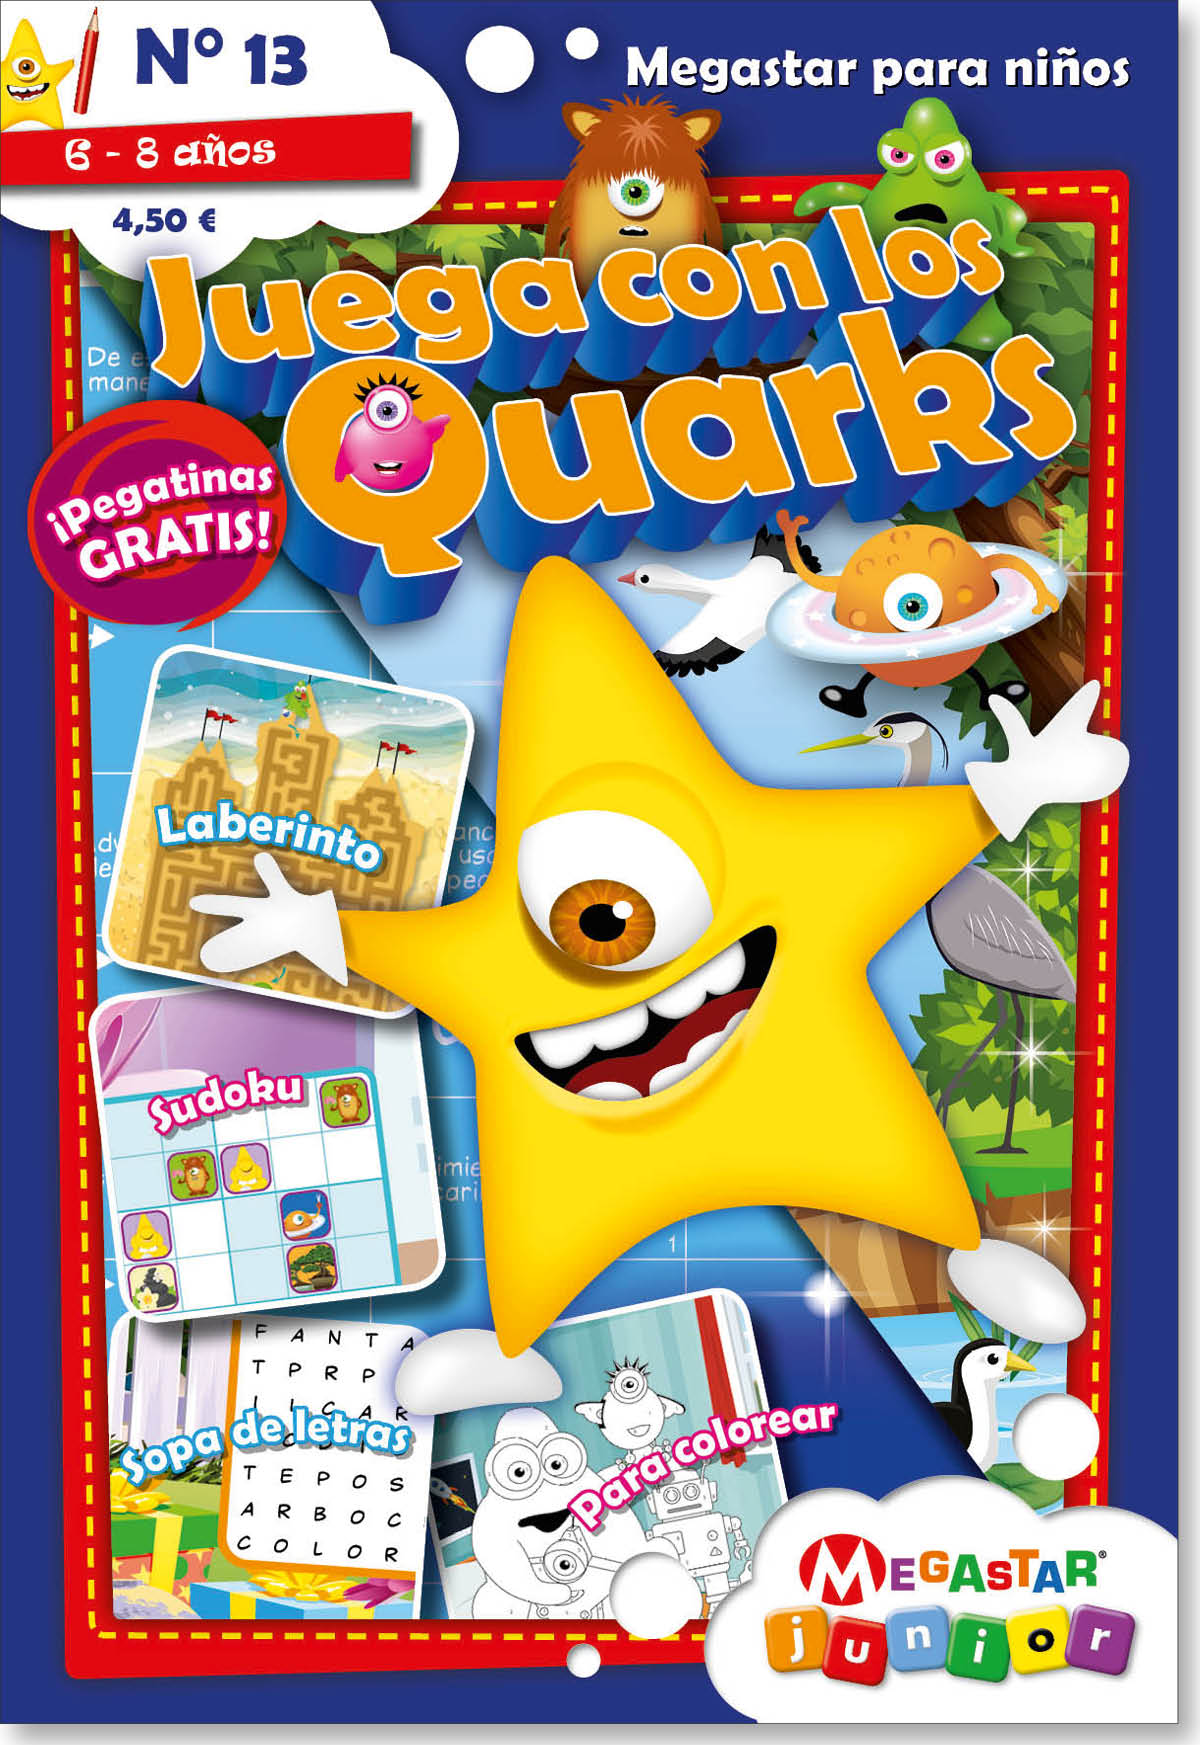 JUEGA CON LOS QUARKS